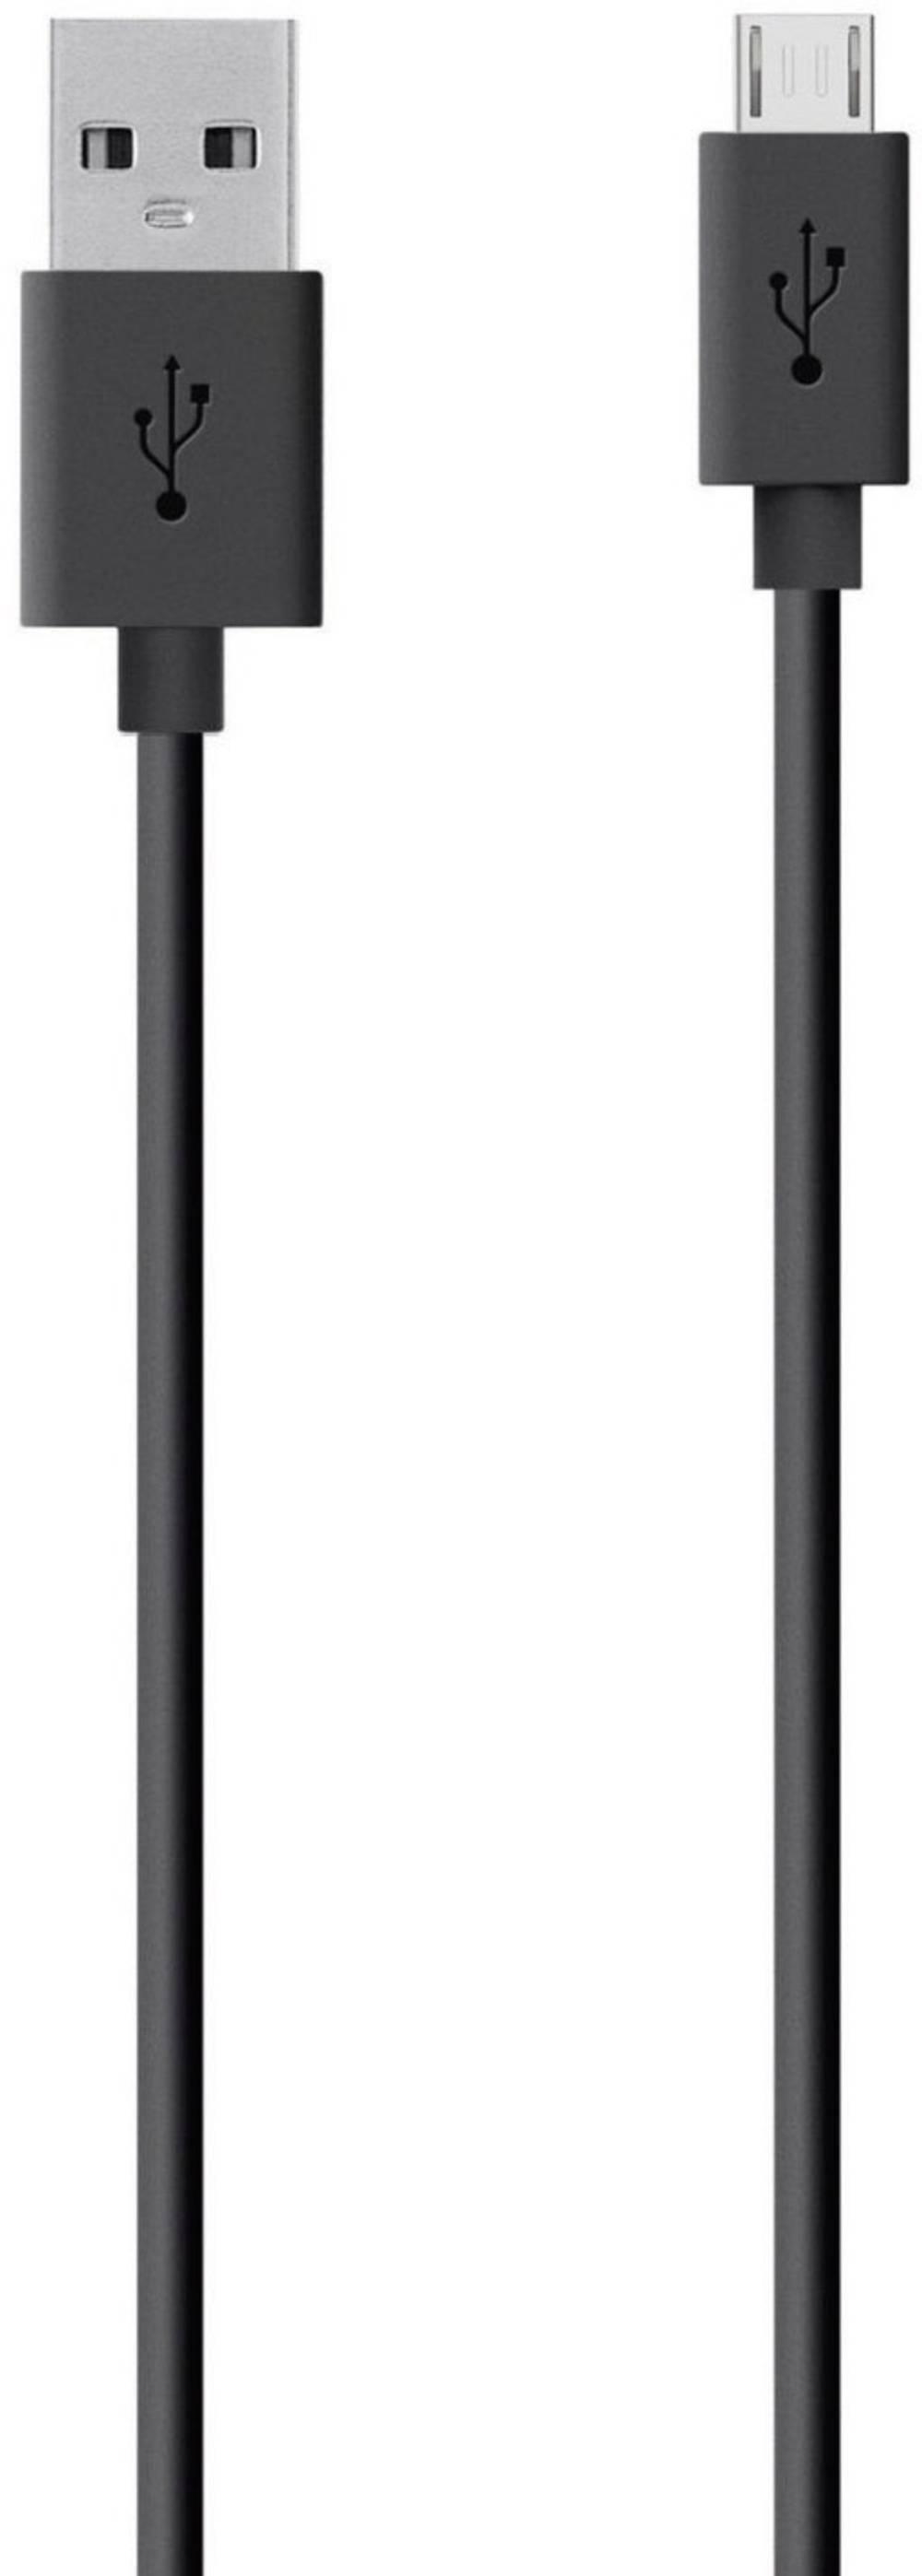 USB 2.0 priključni kabel [1x USB 2.0 - 1x USB 2.0 Micro-B ] 2 m črn Belkin F2CU012bt2M-BLK